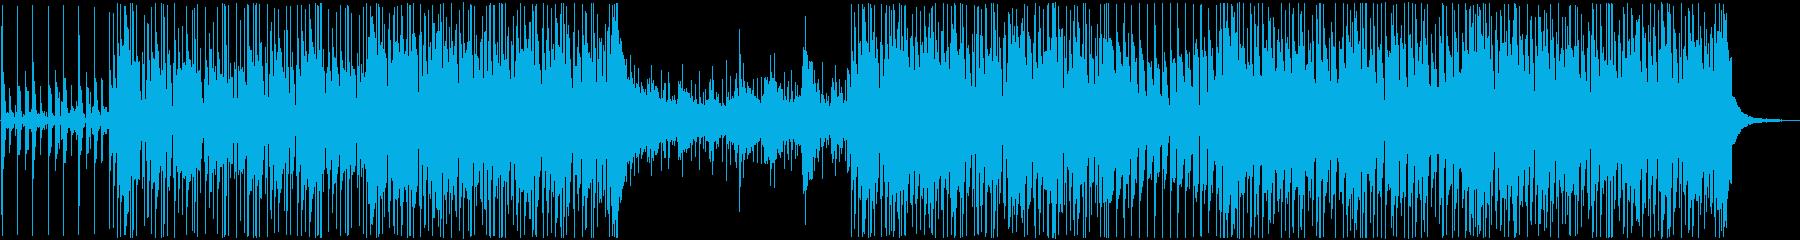 ハンドクラップが特徴的な爽やかサウンドの再生済みの波形